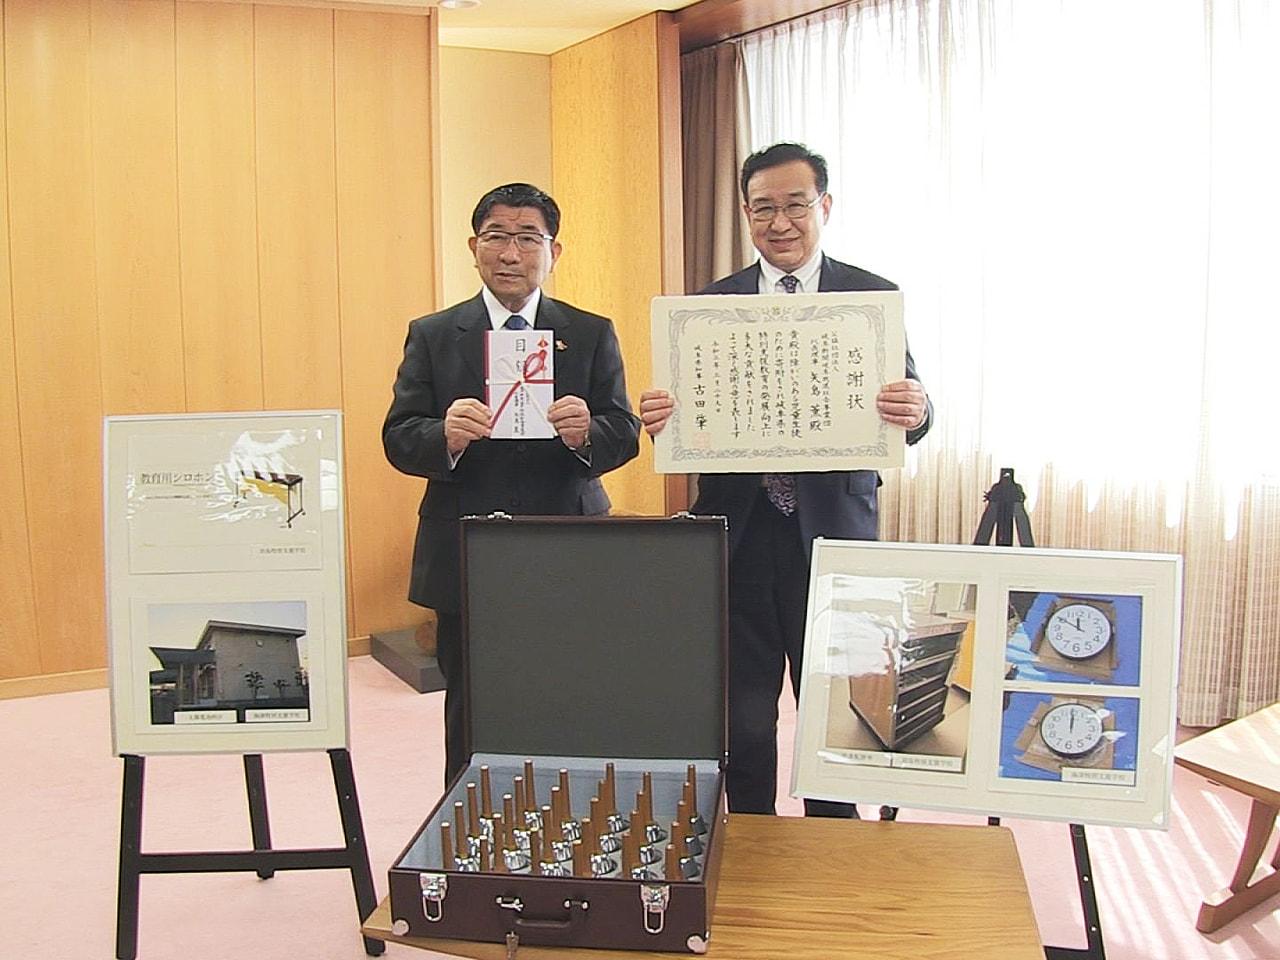 岐阜新聞岐阜放送社会事業団は県内の特別支援学校に楽器などを寄贈しました。 事業団...